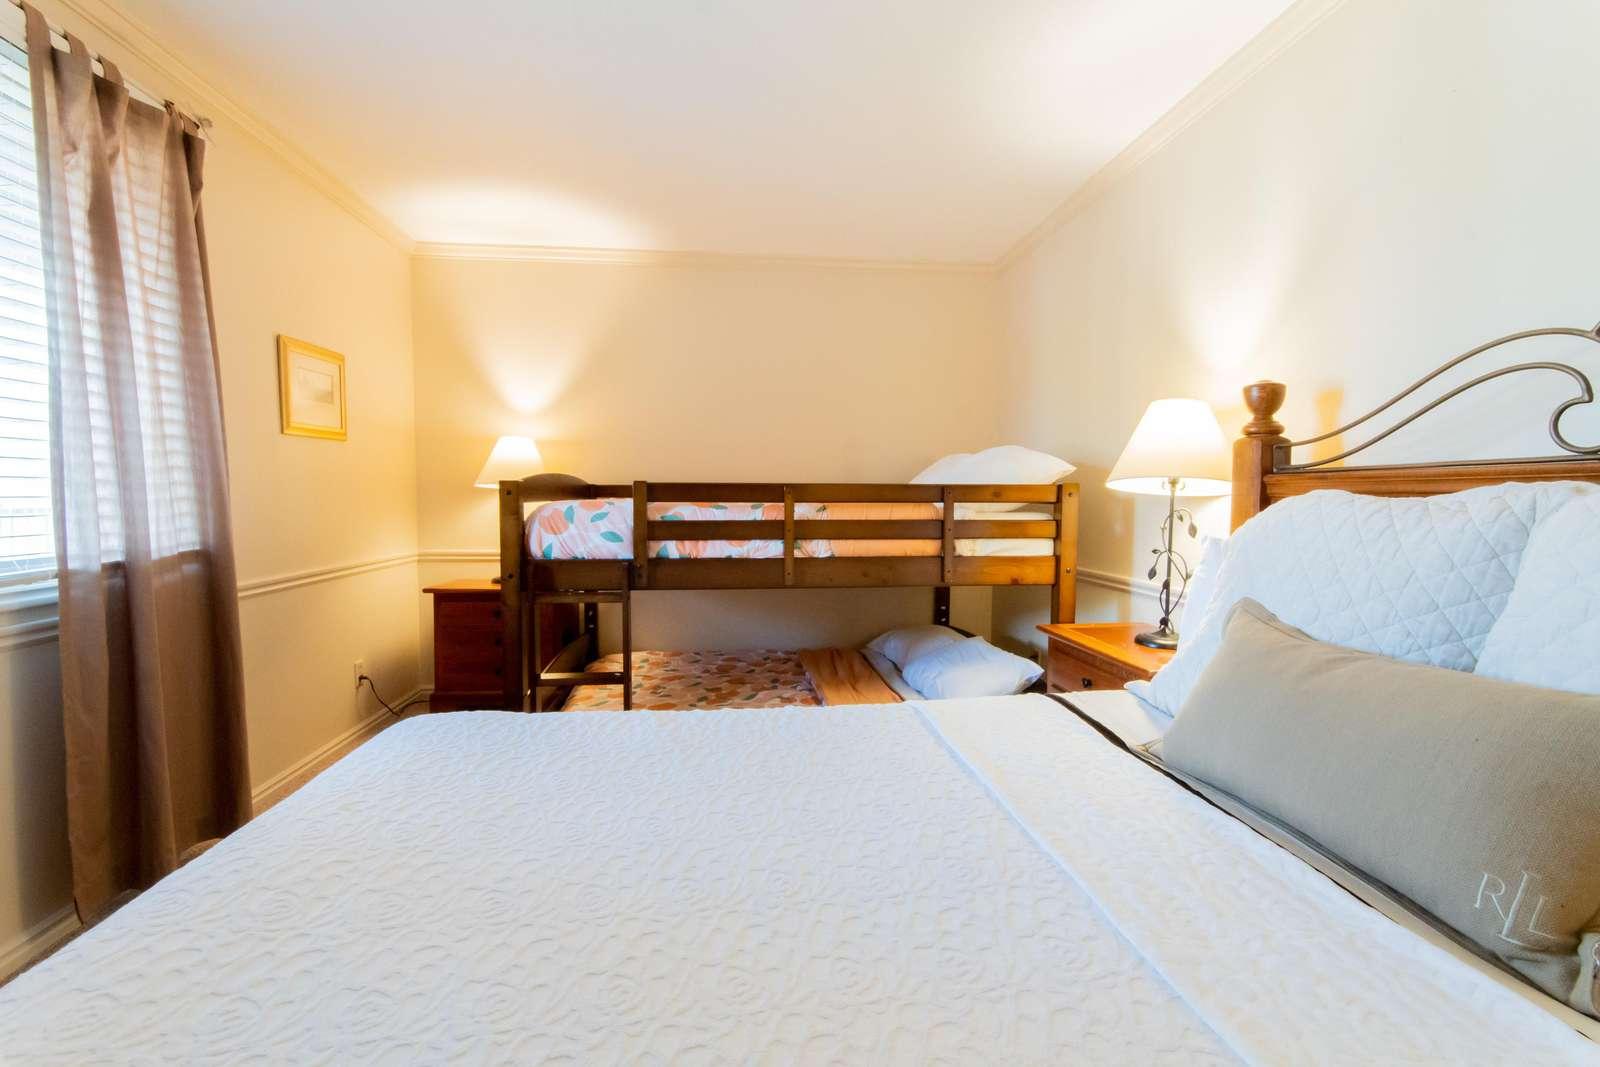 Bedroom 2 - Queen Bed + 2 Full Beds (Bunk)